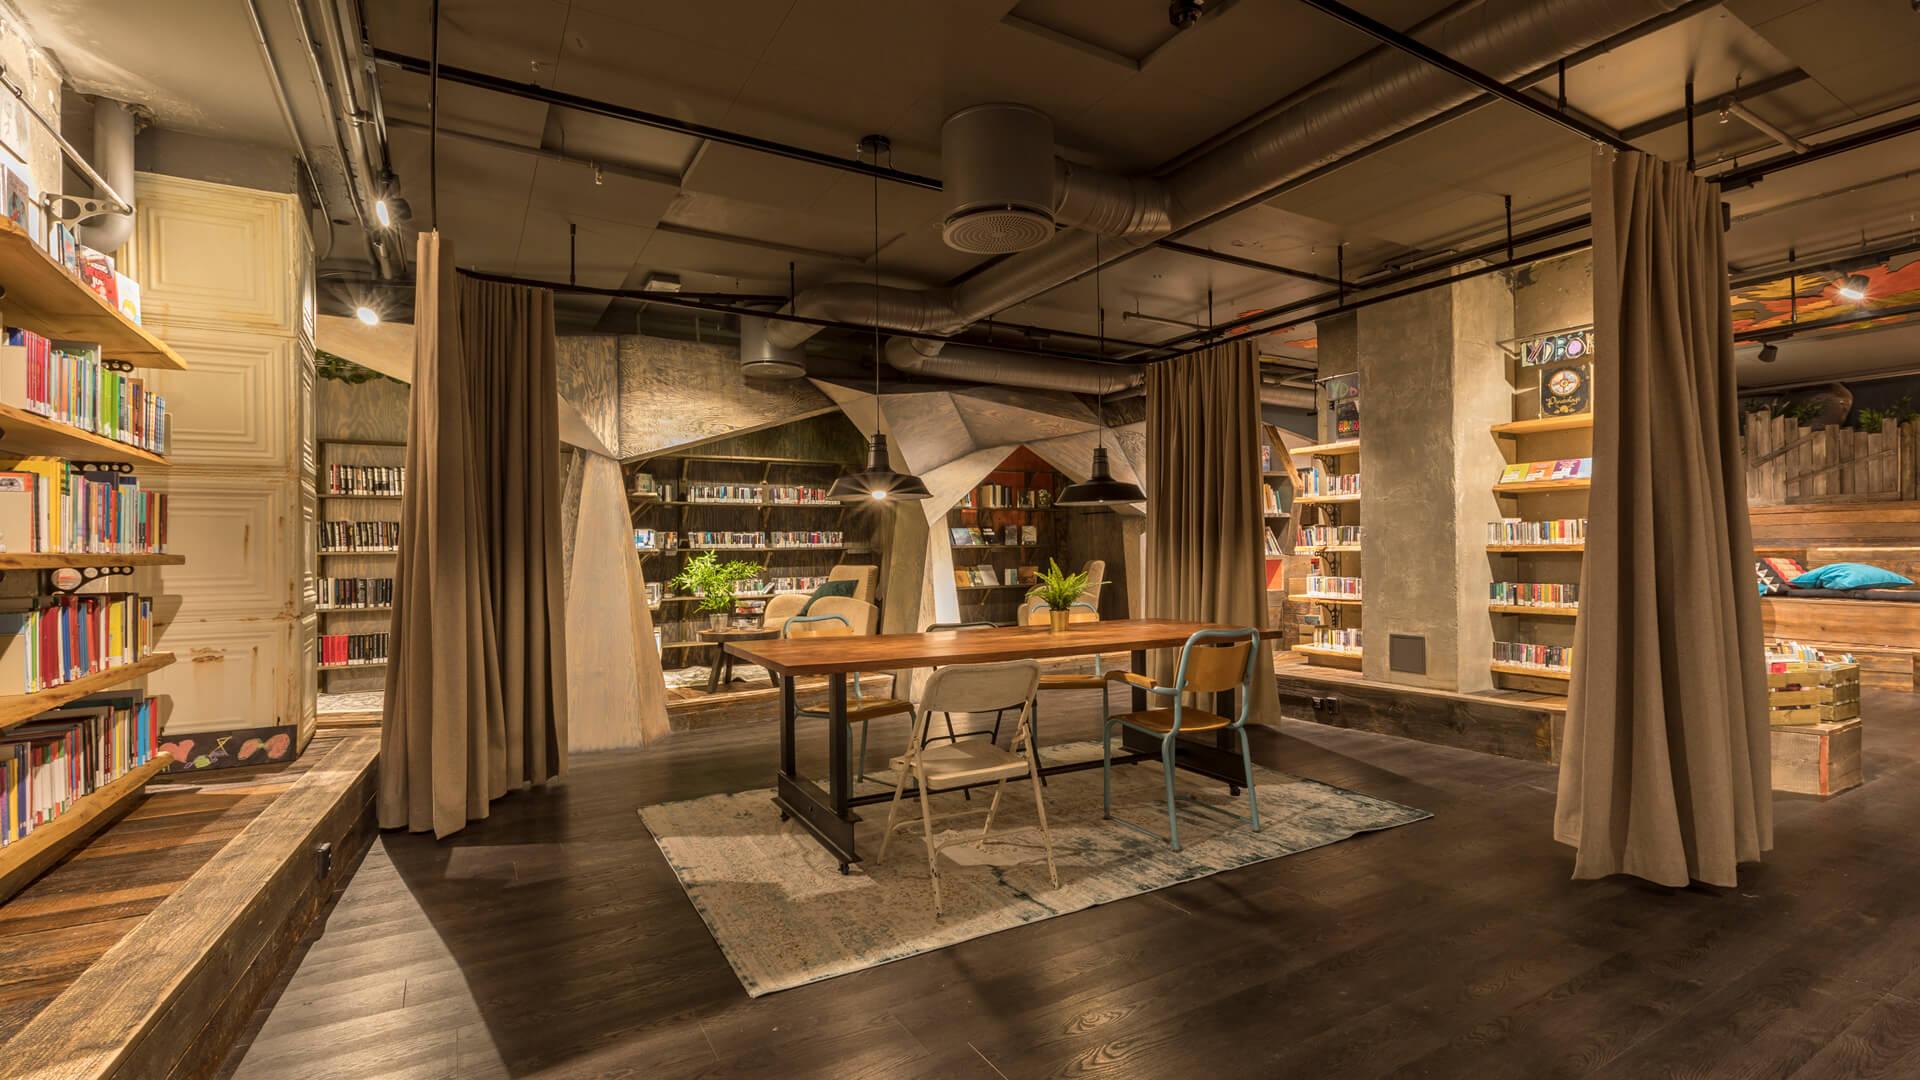 Aatvos_Stovner-Deichman-Oslo_social-library-design3